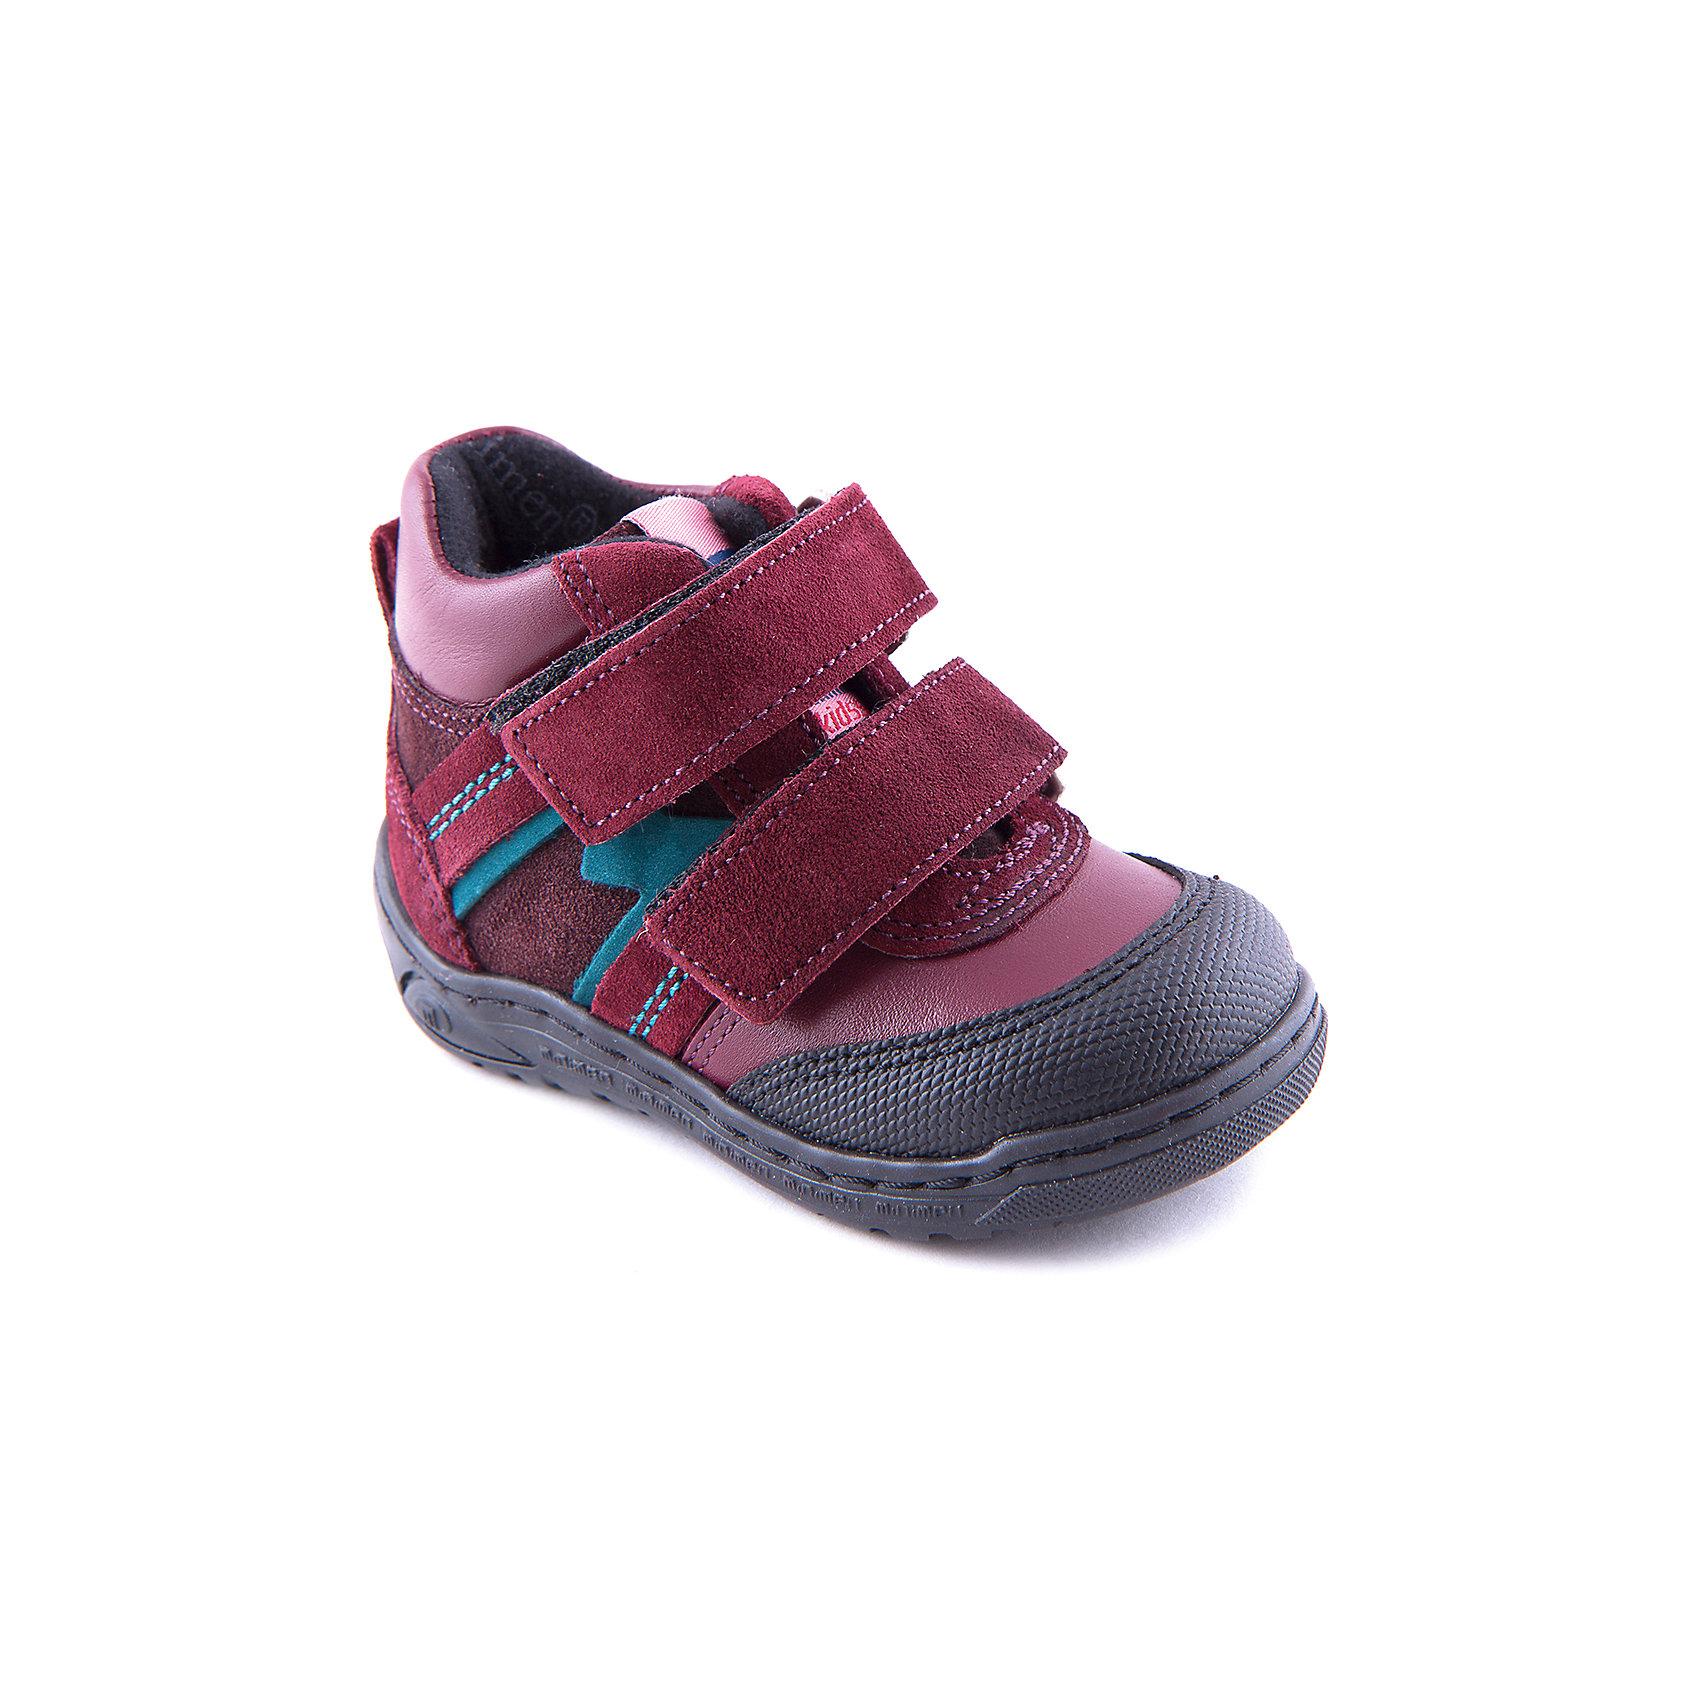 Ботинки для девочки MinimenСимпатичные демисезонные ботинки от популярной марки Minimen (Минимен)- незаменимая вещь в гардеробе каждой девочки. Ботинки из натуральной кожи пропускают воздух и позволяют ножке ребенка дышать. Ботинки имеют усиленные мыс и пятку, удобную застежку на двух липучках. Практичные и удобные ботинки на каждый день. <br><br>Дополнительная информация:<br><br>-Сезон: осень, весна<br>-Температурный режим: от 0? до + 10?<br>-Материал верха: натуральная кожа<br>-Материал подкладки: байка<br>-Стелька: байка<br>-Материал подошвы: резина<br>-Тип застежки: липучка<br><br>Ботинки для девочки Minimen (Минимен) можно купить в нашем магазине.<br><br>Ширина мм: 262<br>Глубина мм: 176<br>Высота мм: 97<br>Вес г: 427<br>Цвет: бордовый<br>Возраст от месяцев: 15<br>Возраст до месяцев: 18<br>Пол: Женский<br>Возраст: Детский<br>Размер: 23,36,24,34,25,26,27,28,29,30,20,31,21,32,22,33,35<br>SKU: 3741501